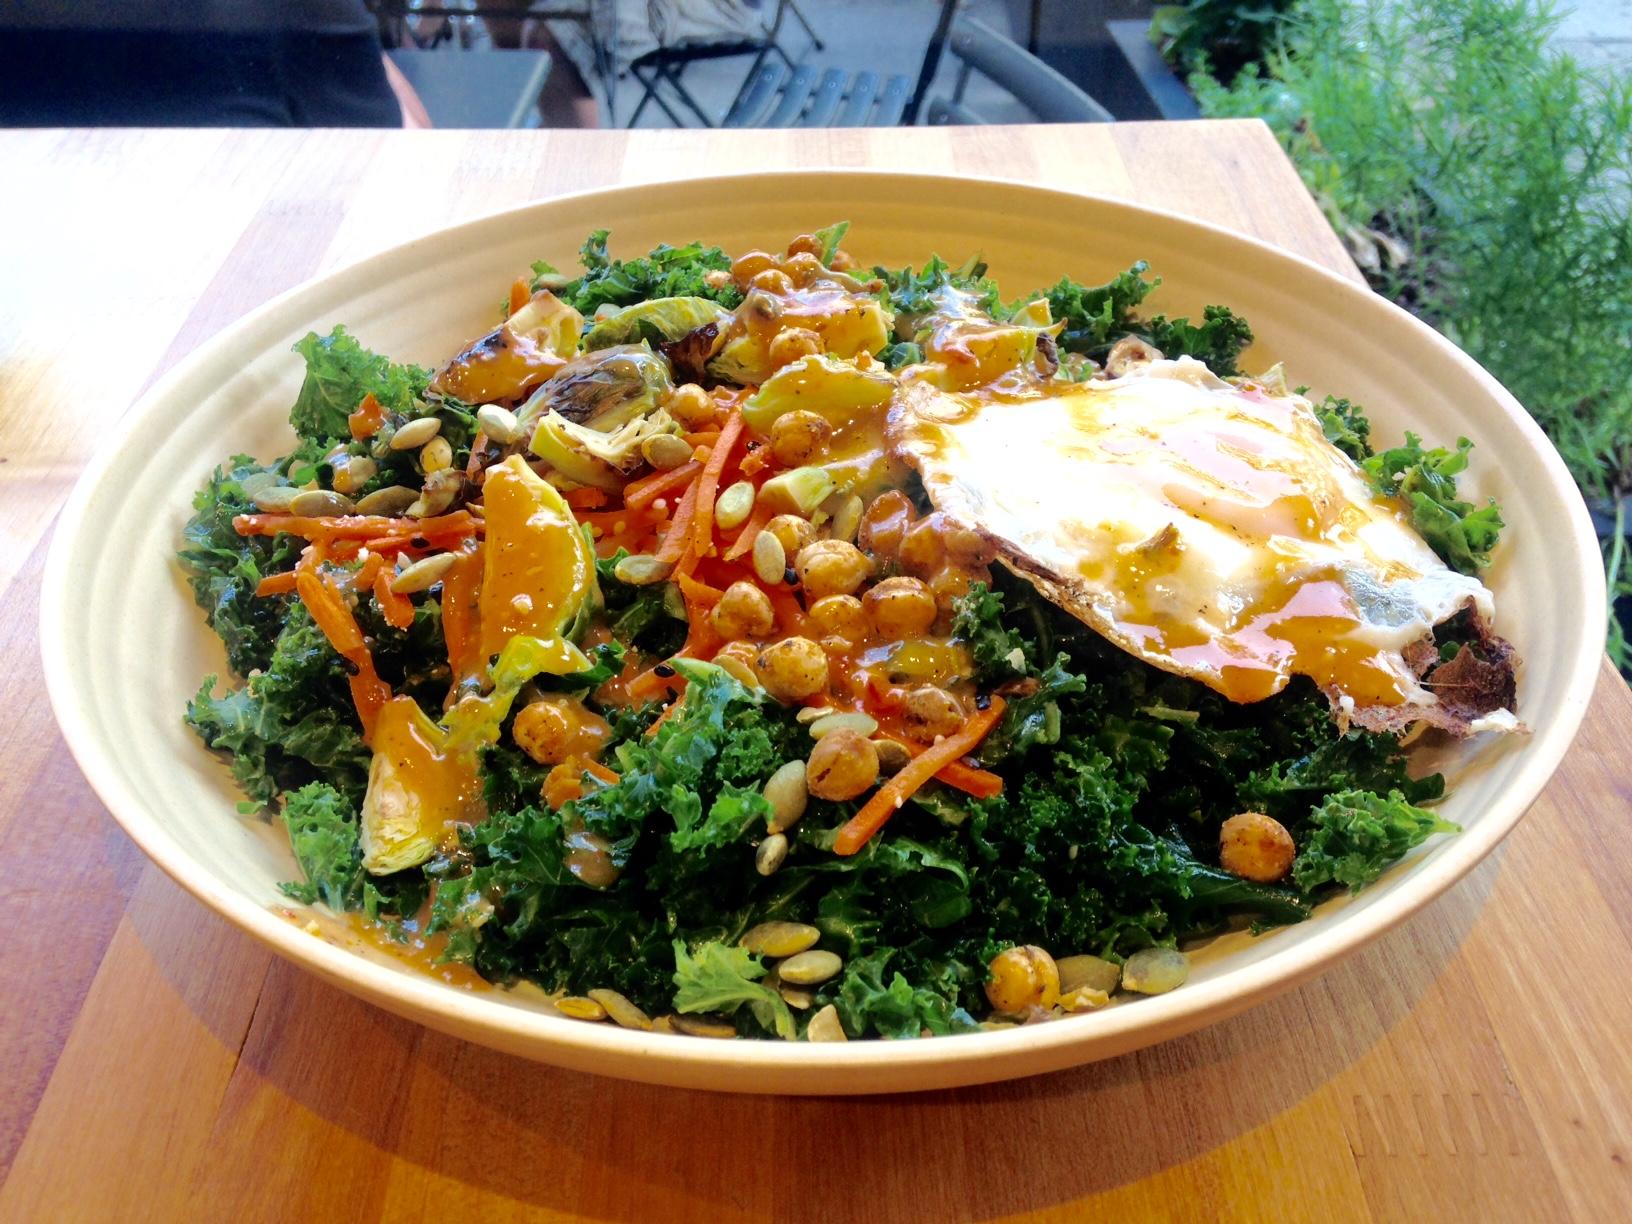 自分 シリコン 食事 変える 最強 を 式 バレー の 【体験談】シリコンバレー式最強の食事をやってみた感想